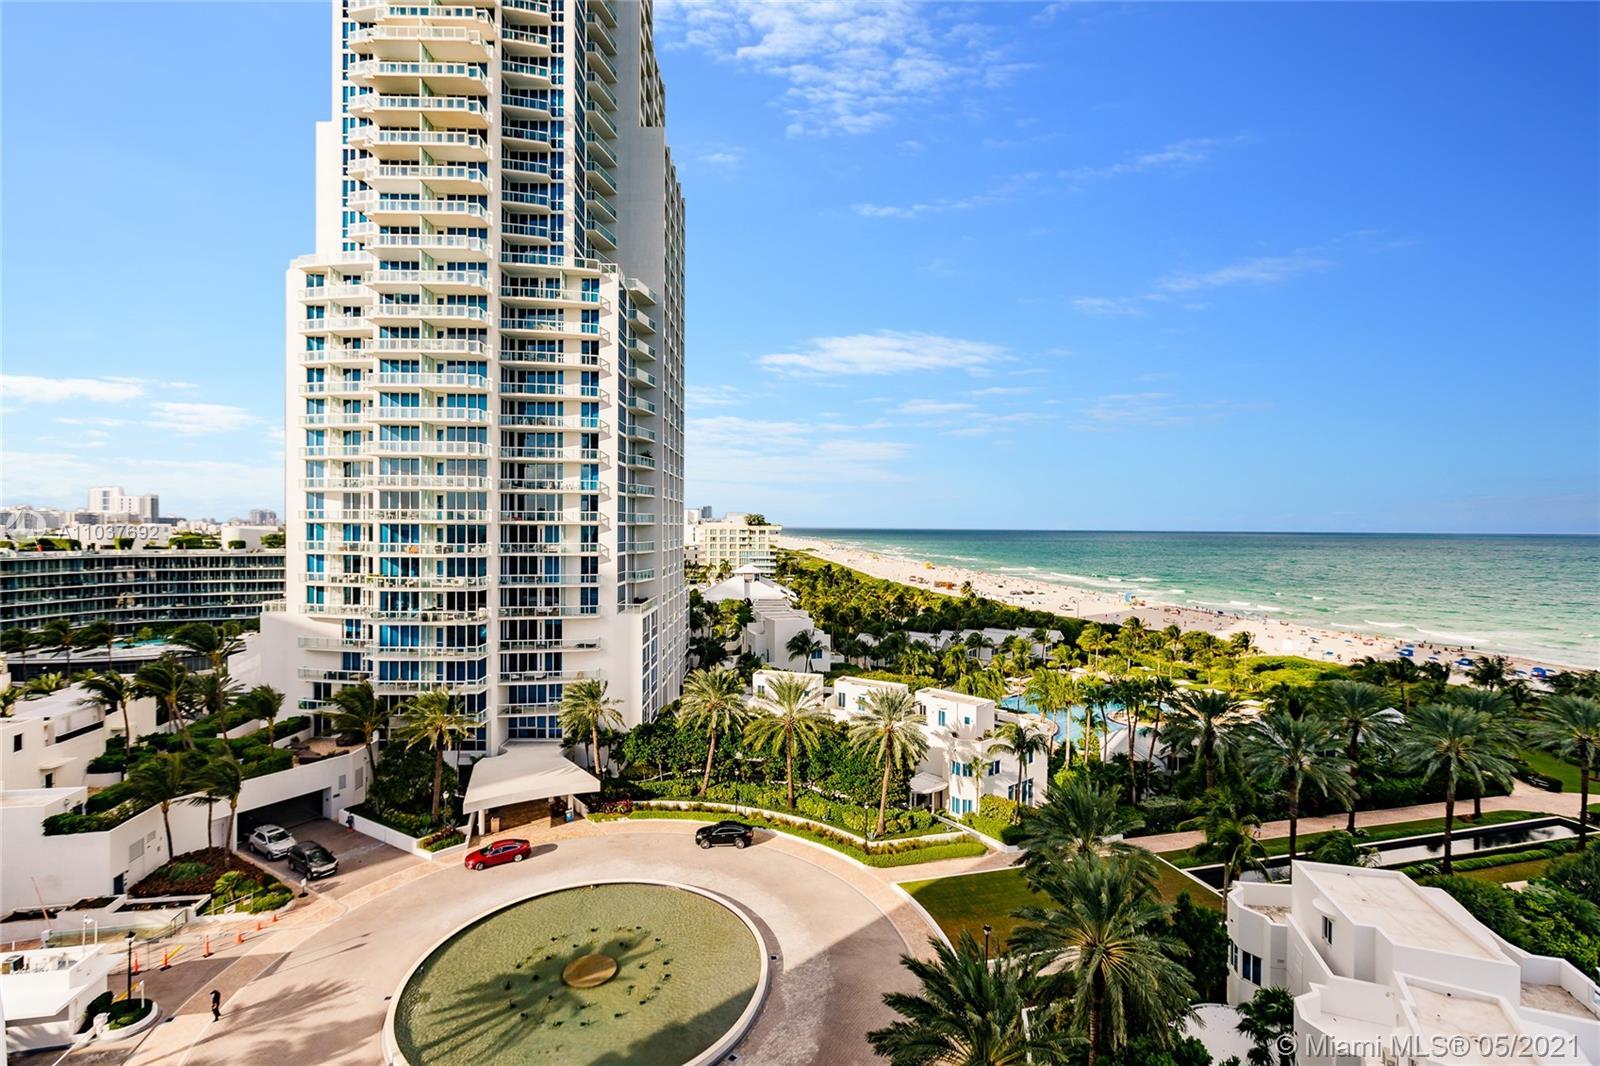 Continuum South #1008 - 100 S Pointe Dr #1008, Miami Beach, FL 33139